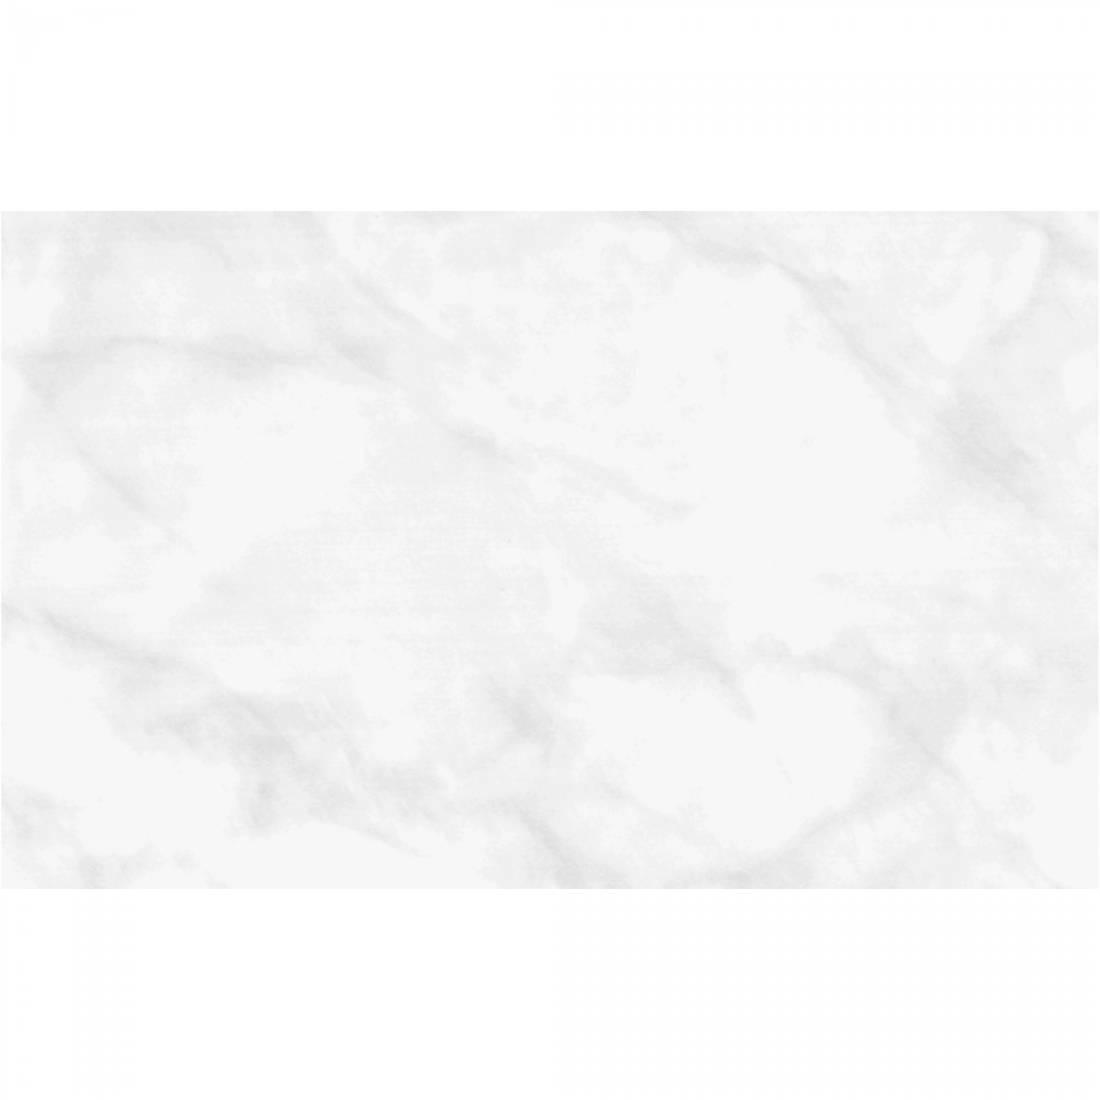 Paris 25x40 White Gloss 1